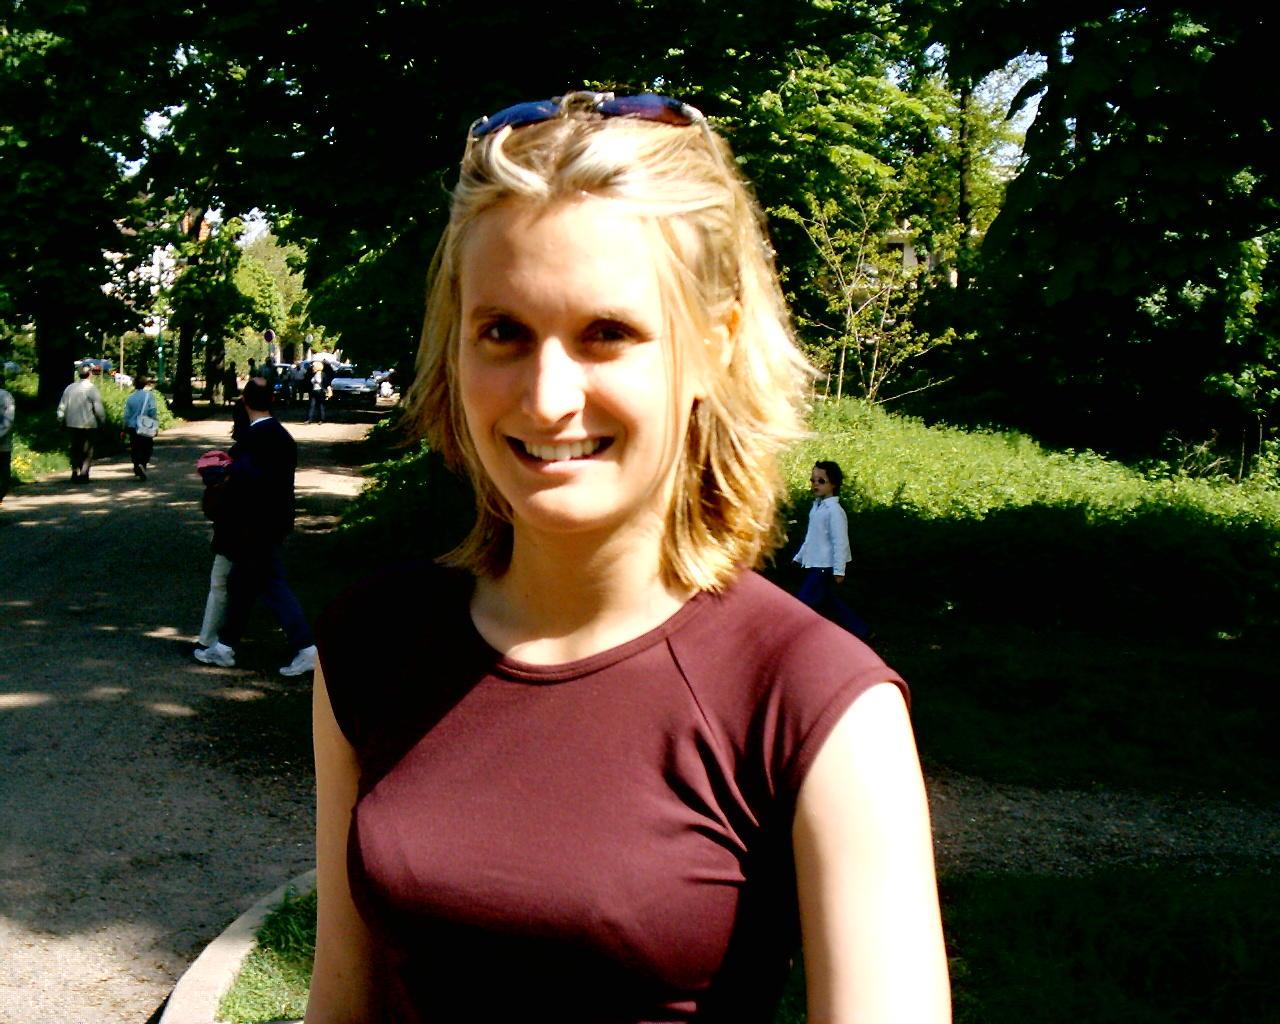 Geile sex date met rijpe 43-jarige vrouw uit Overijssel